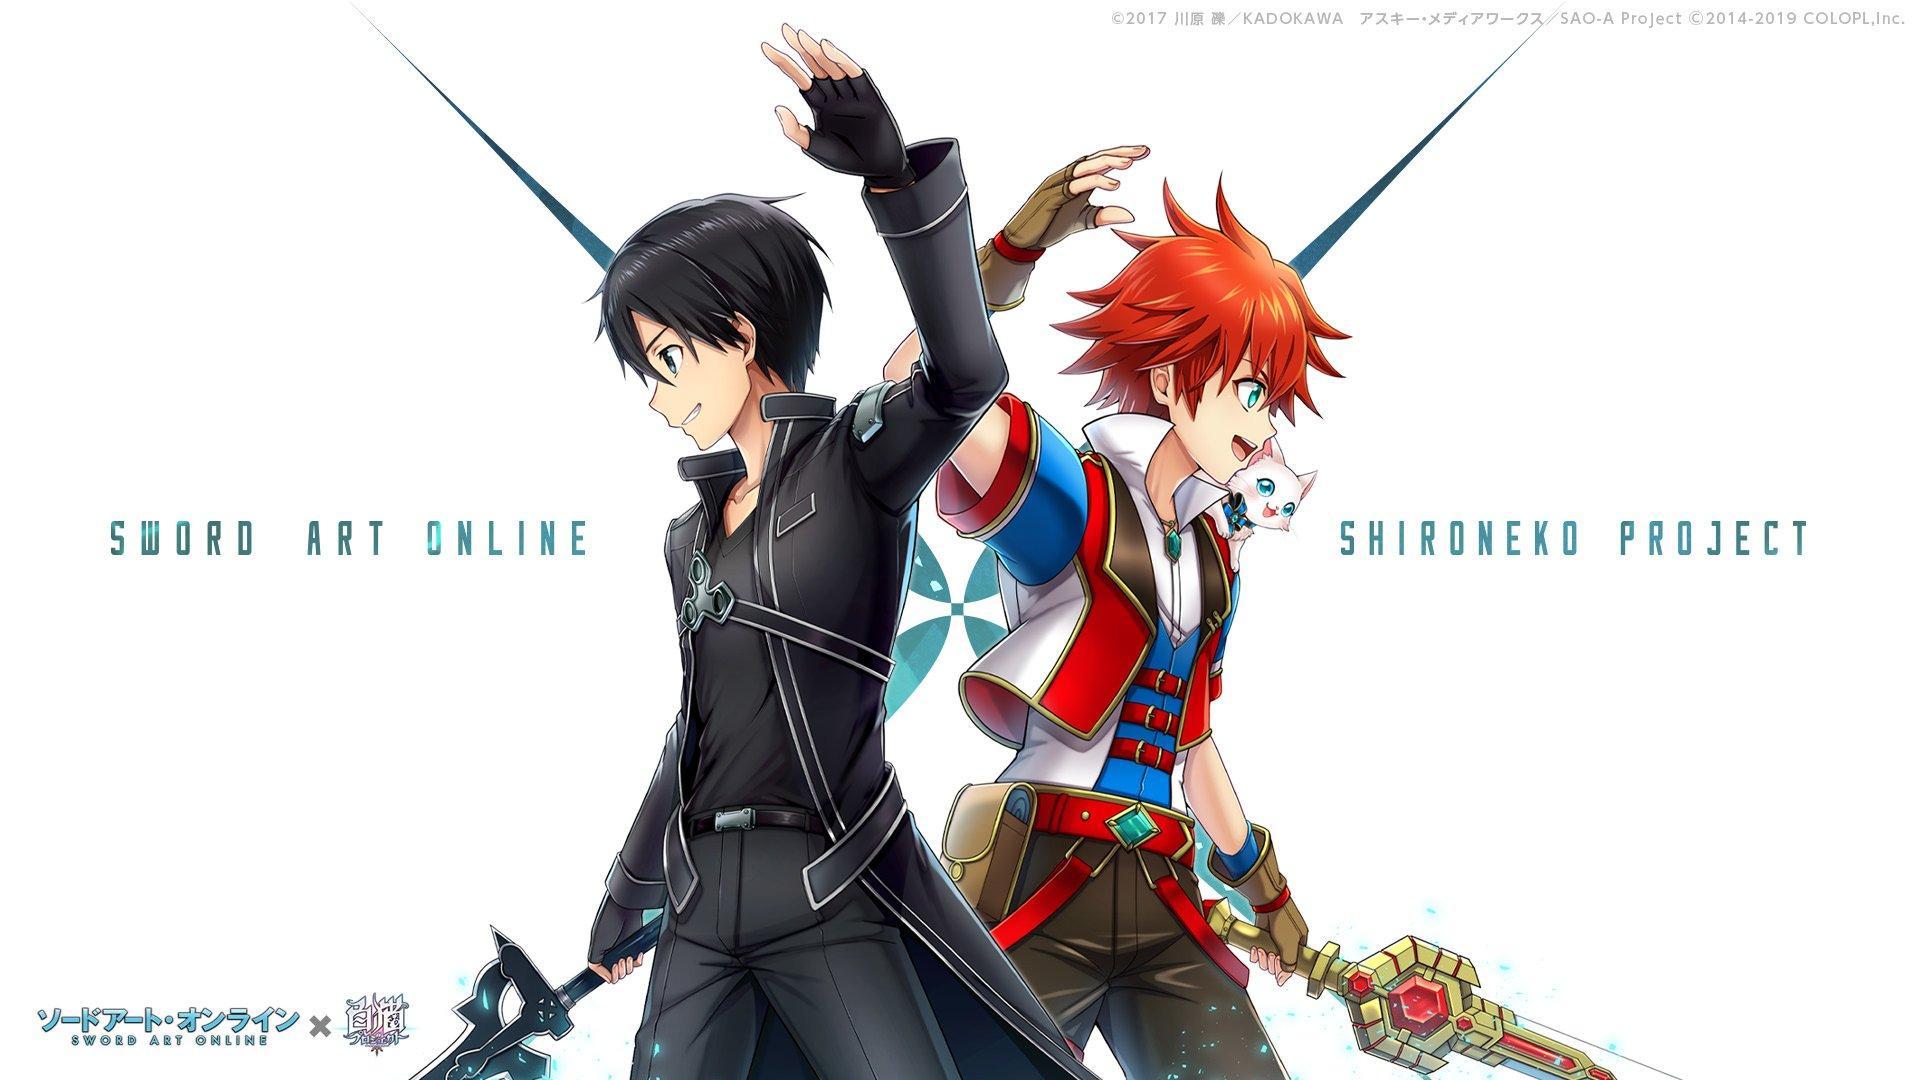 Sword Art Online Crossover Shironeko Project Wallpapers